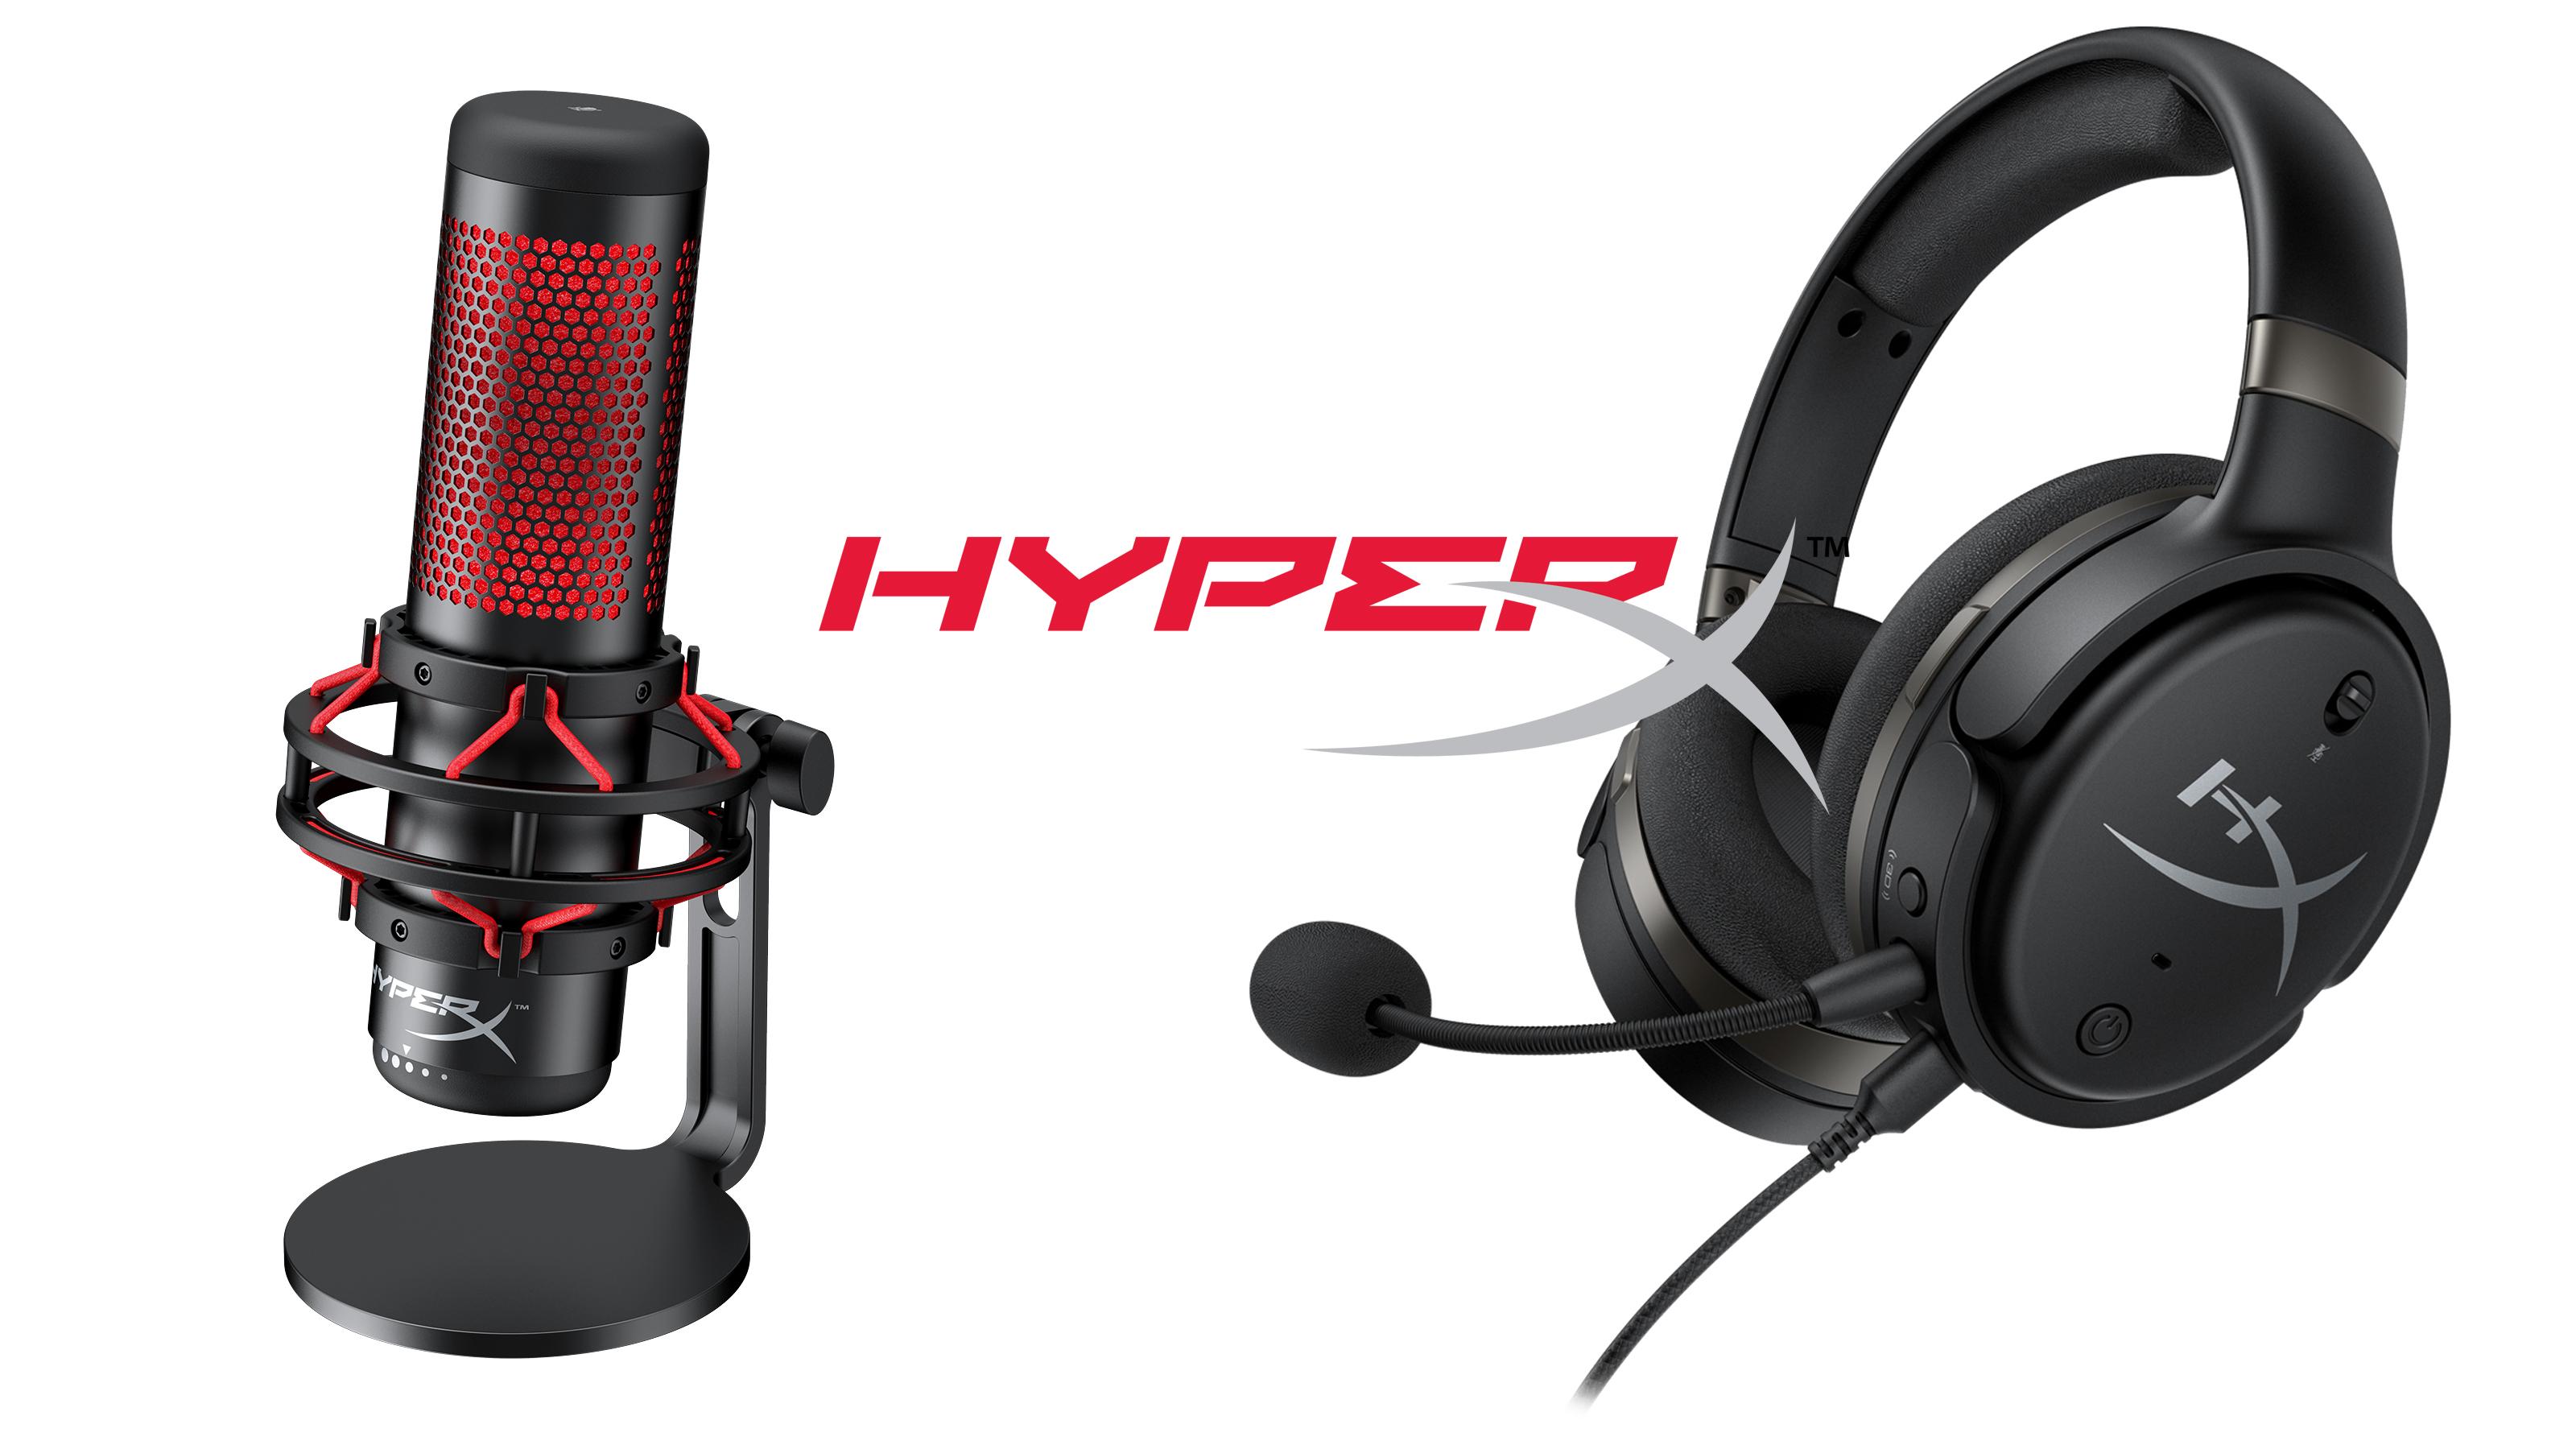 Hyper X Gaming Gutschein Code -15%